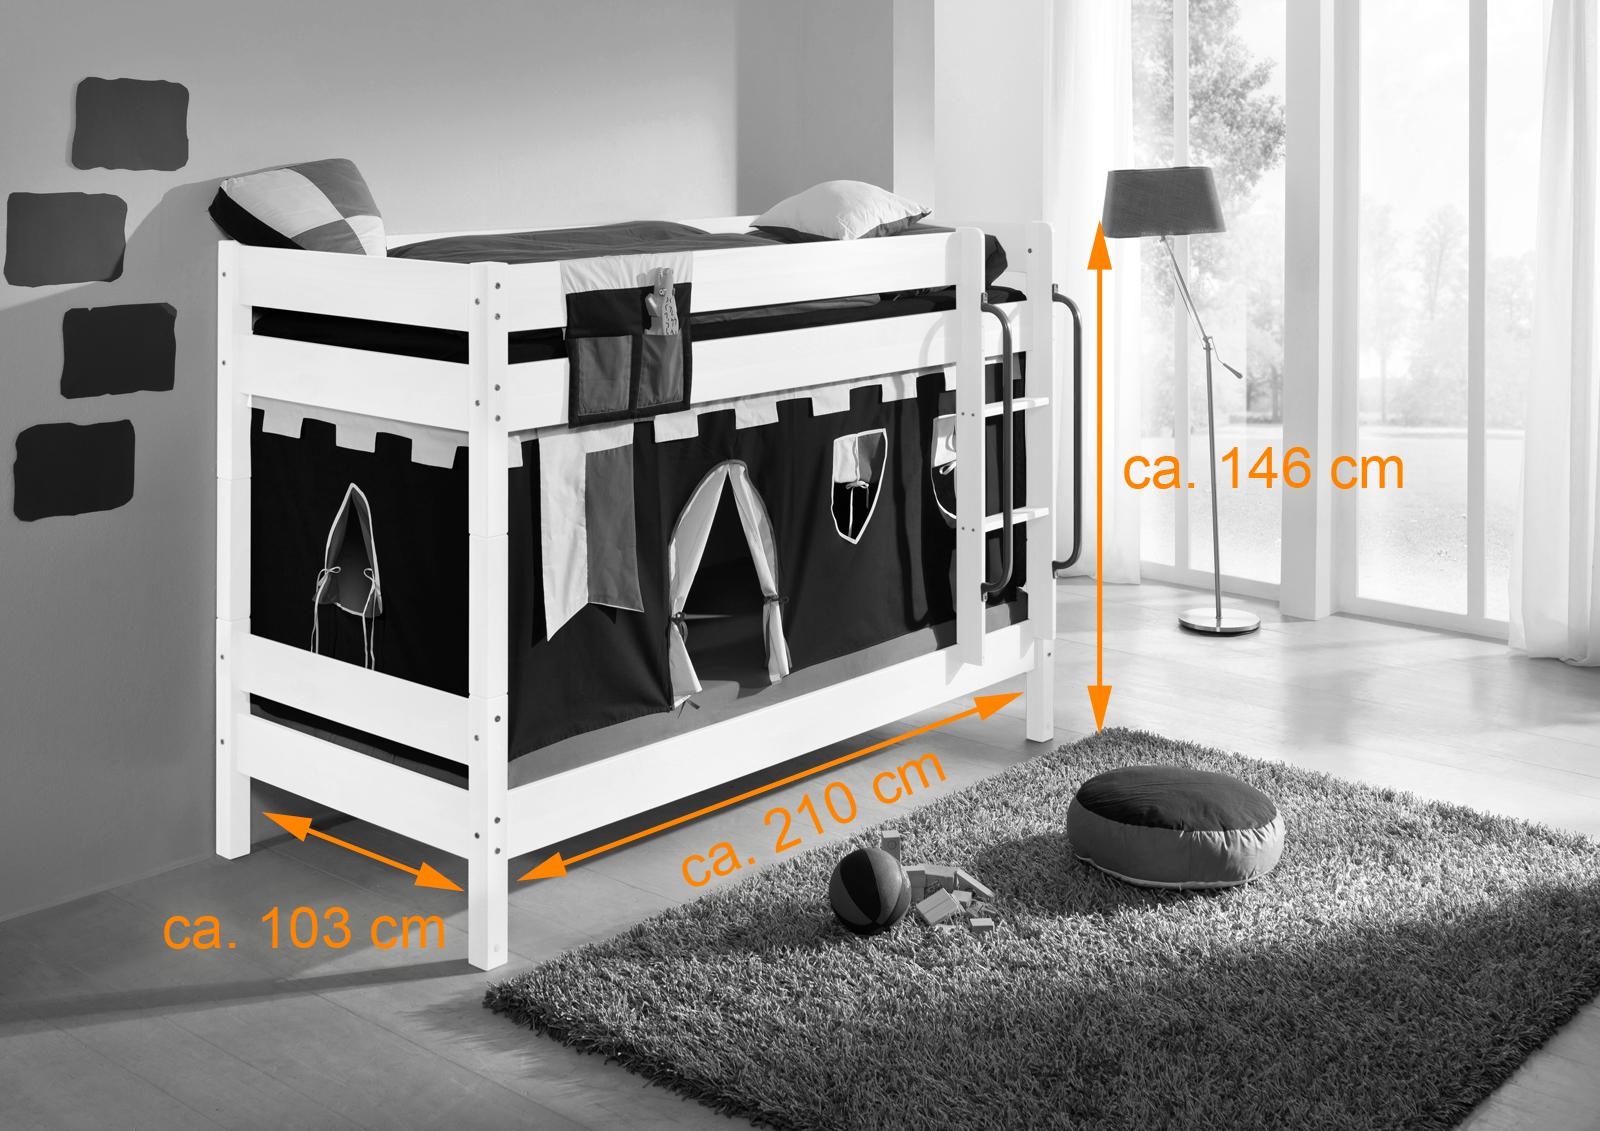 Etagenbett Kinder Massiv : Kinder etagenbett mit matratzen sitzbänken buche hochbett